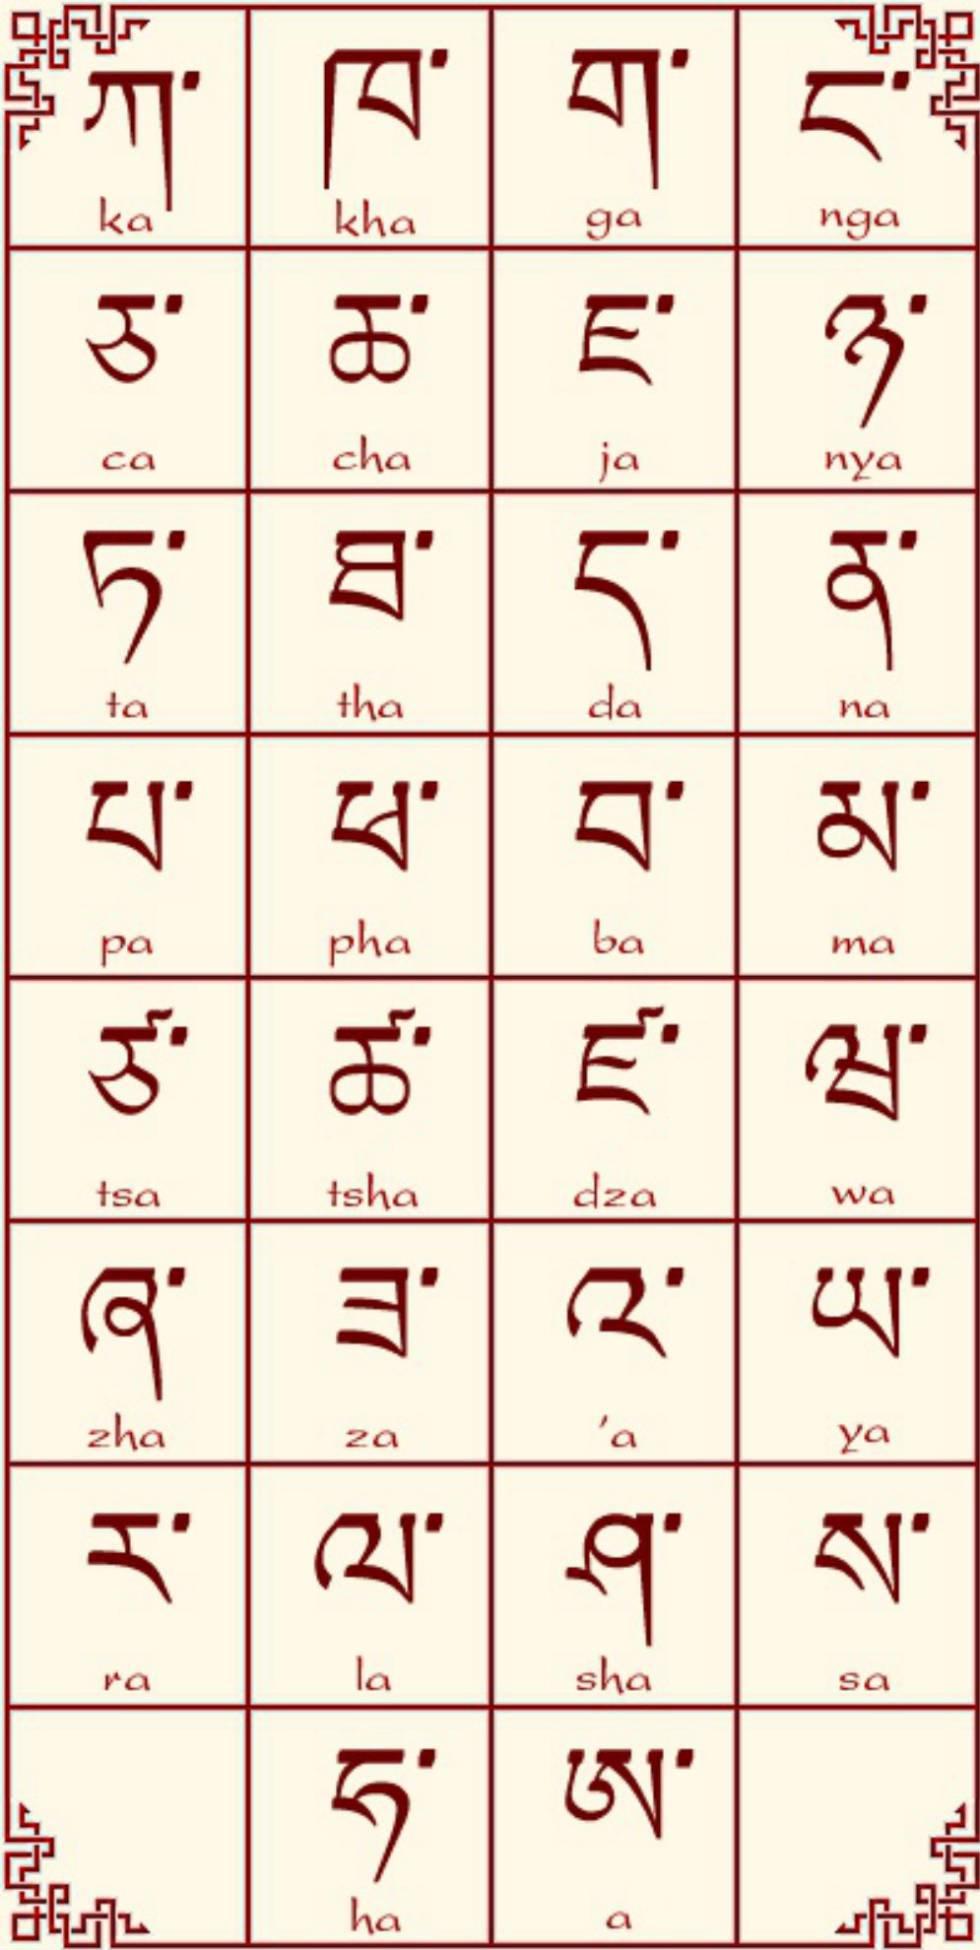 El alfabeto tibetano.